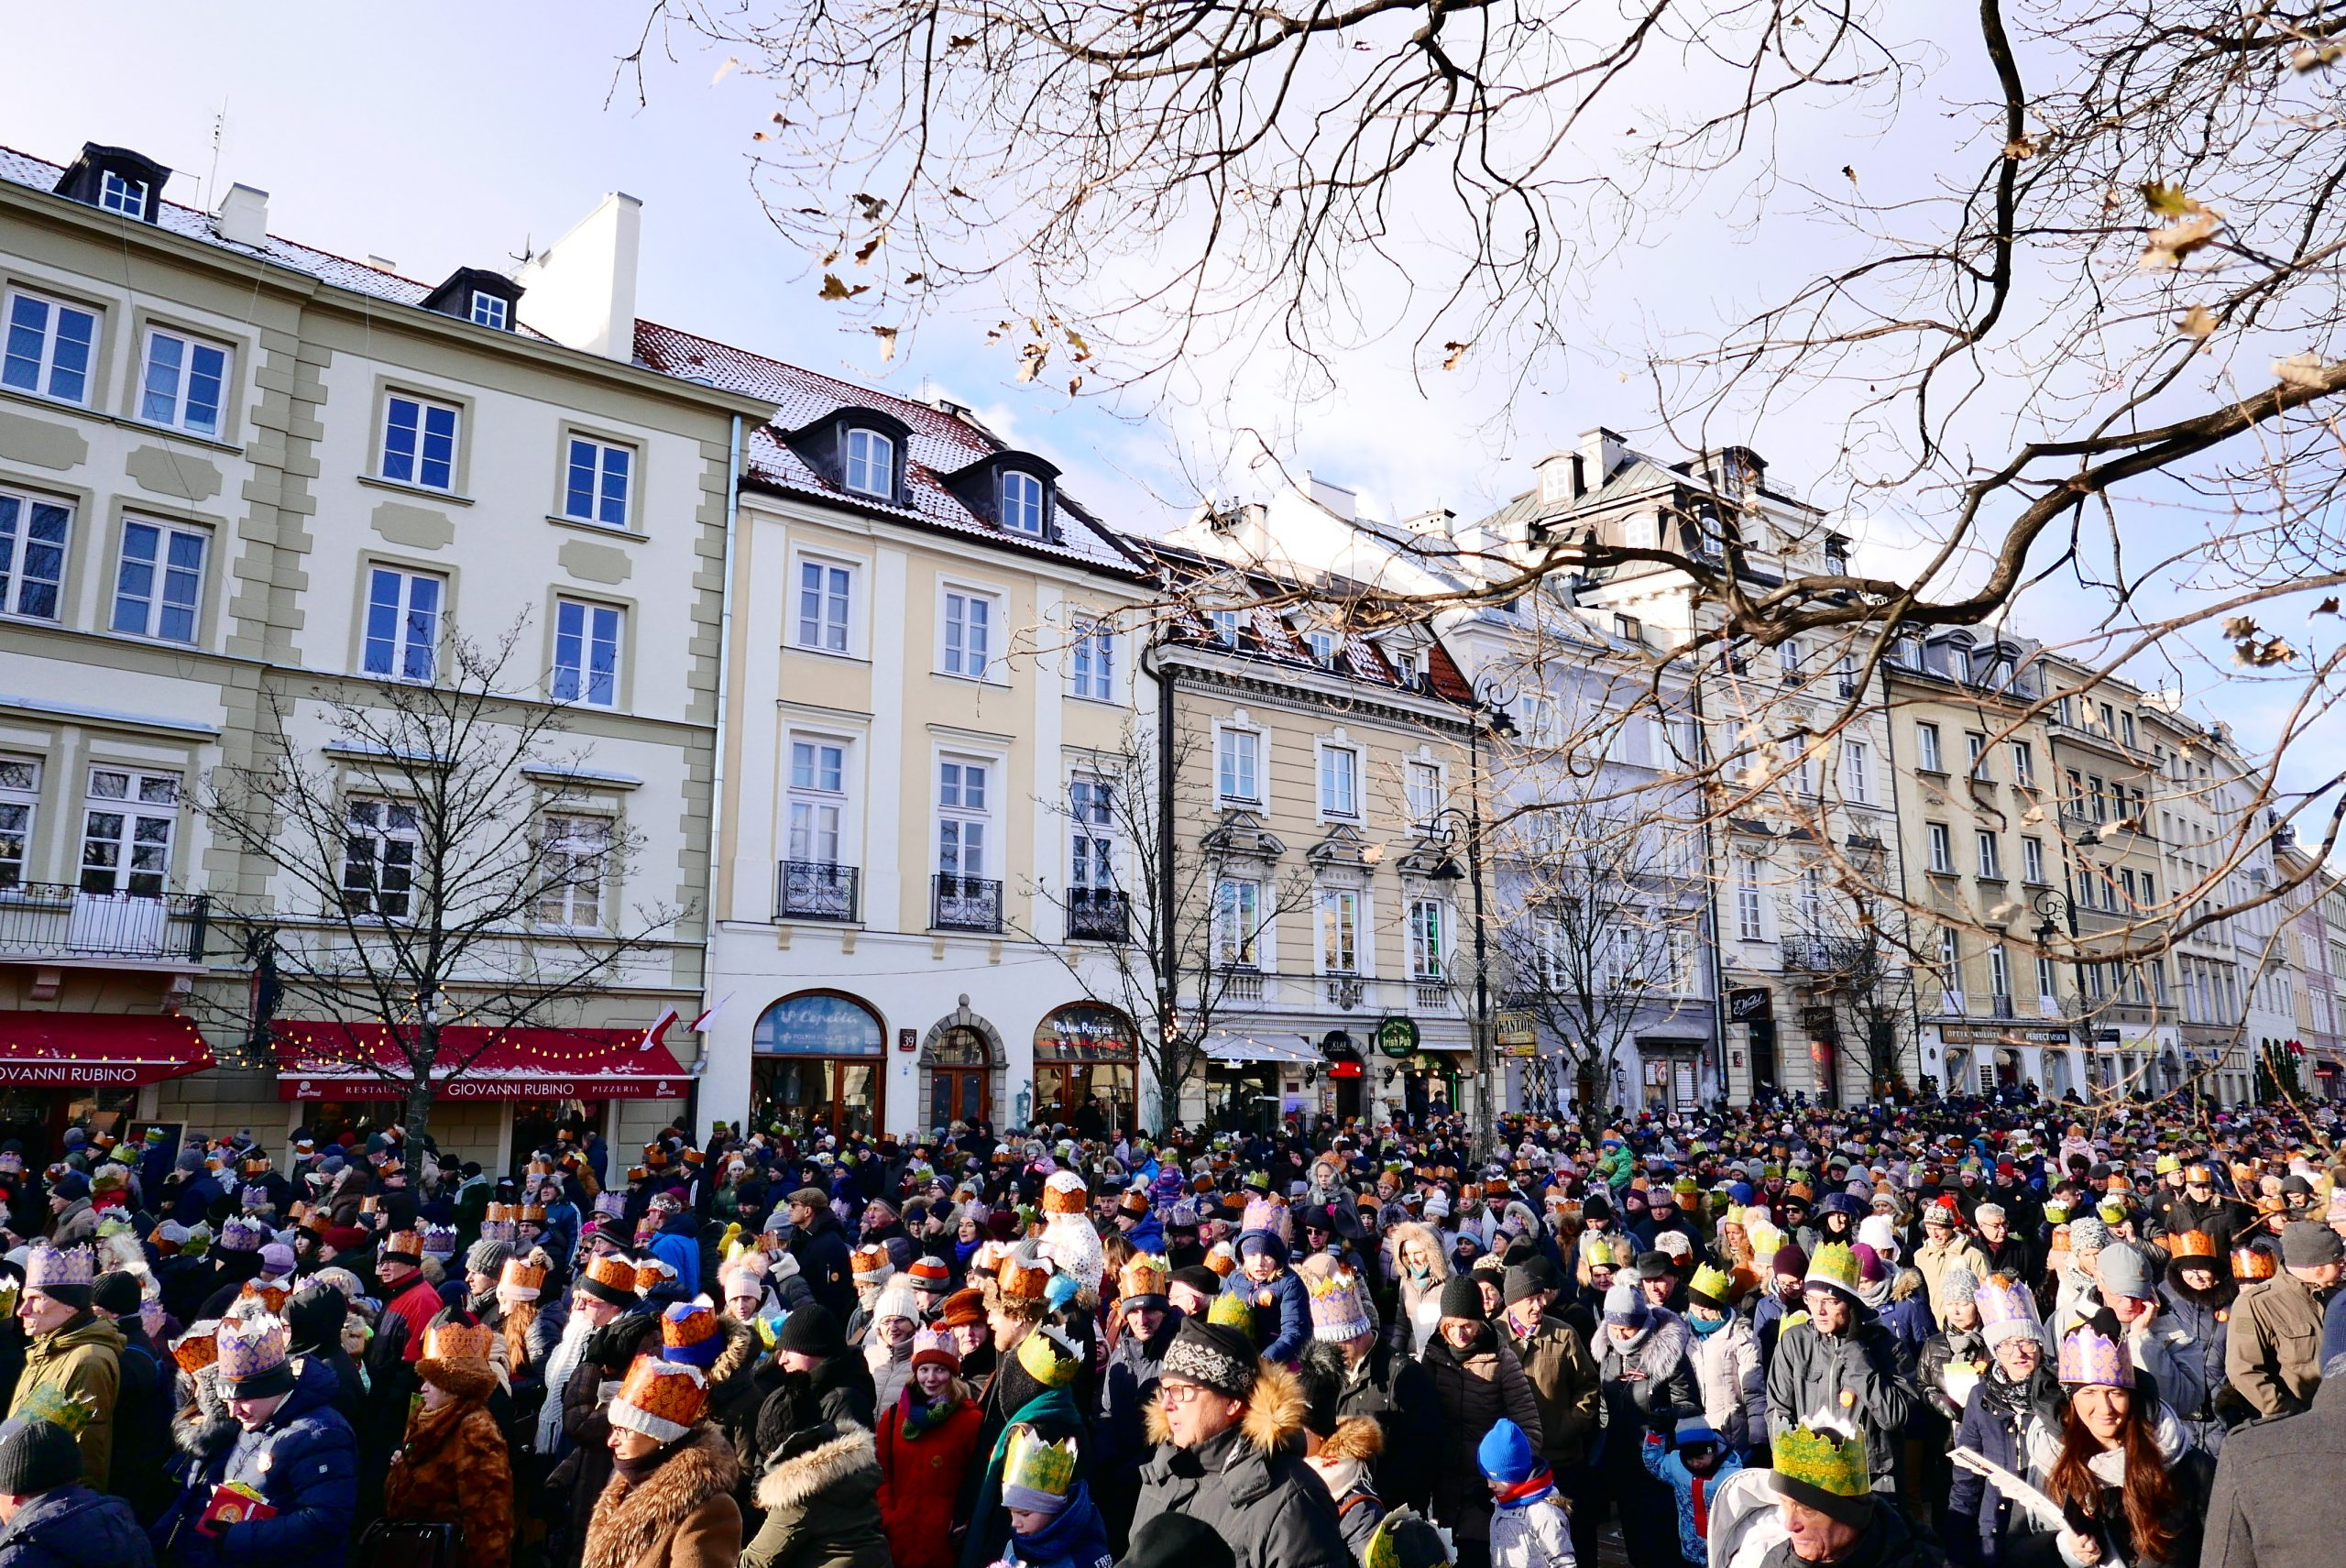 丟掉手機去旅行Day6波蘭|華沙Warsaw一日遊巧遇主顯節慶典